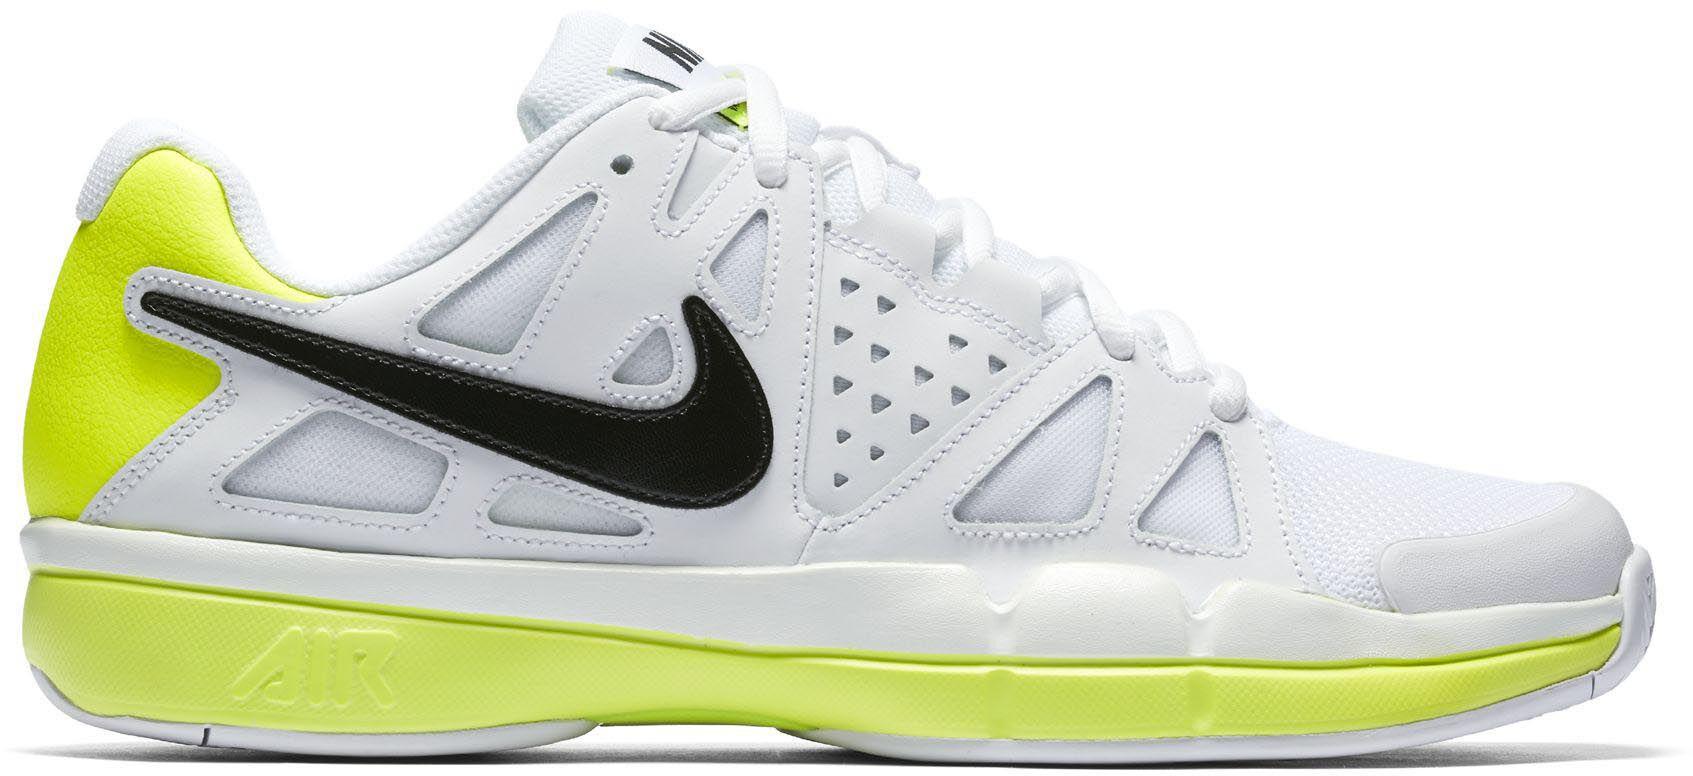 Nike - Vapeur Air Avantage Cuir Chaussures De Tennis - Hommes - Chaussures - Blanc - 37.5 0nltI